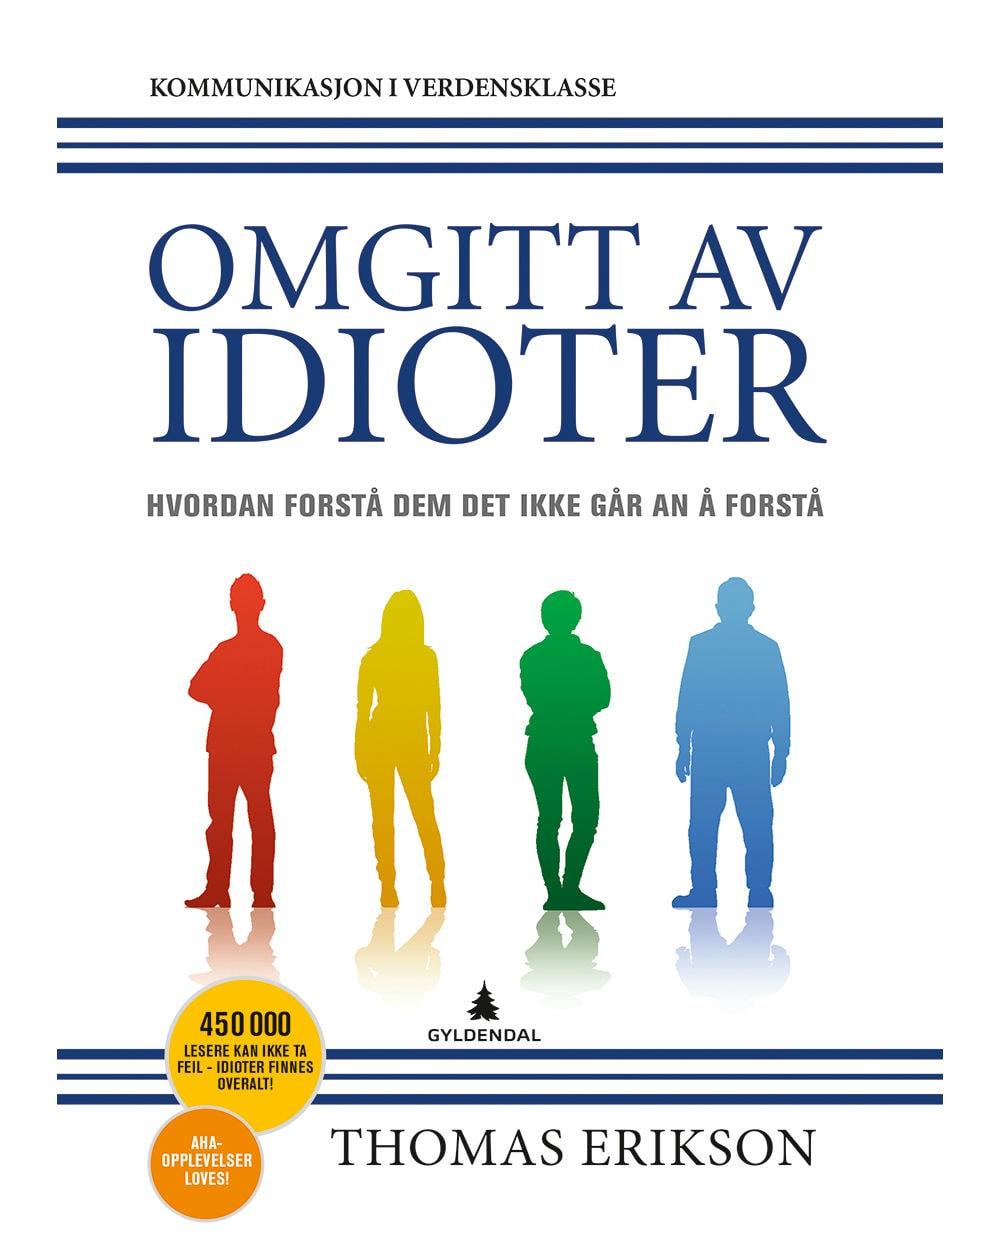 Omgitt-av-idioter_gyldendal